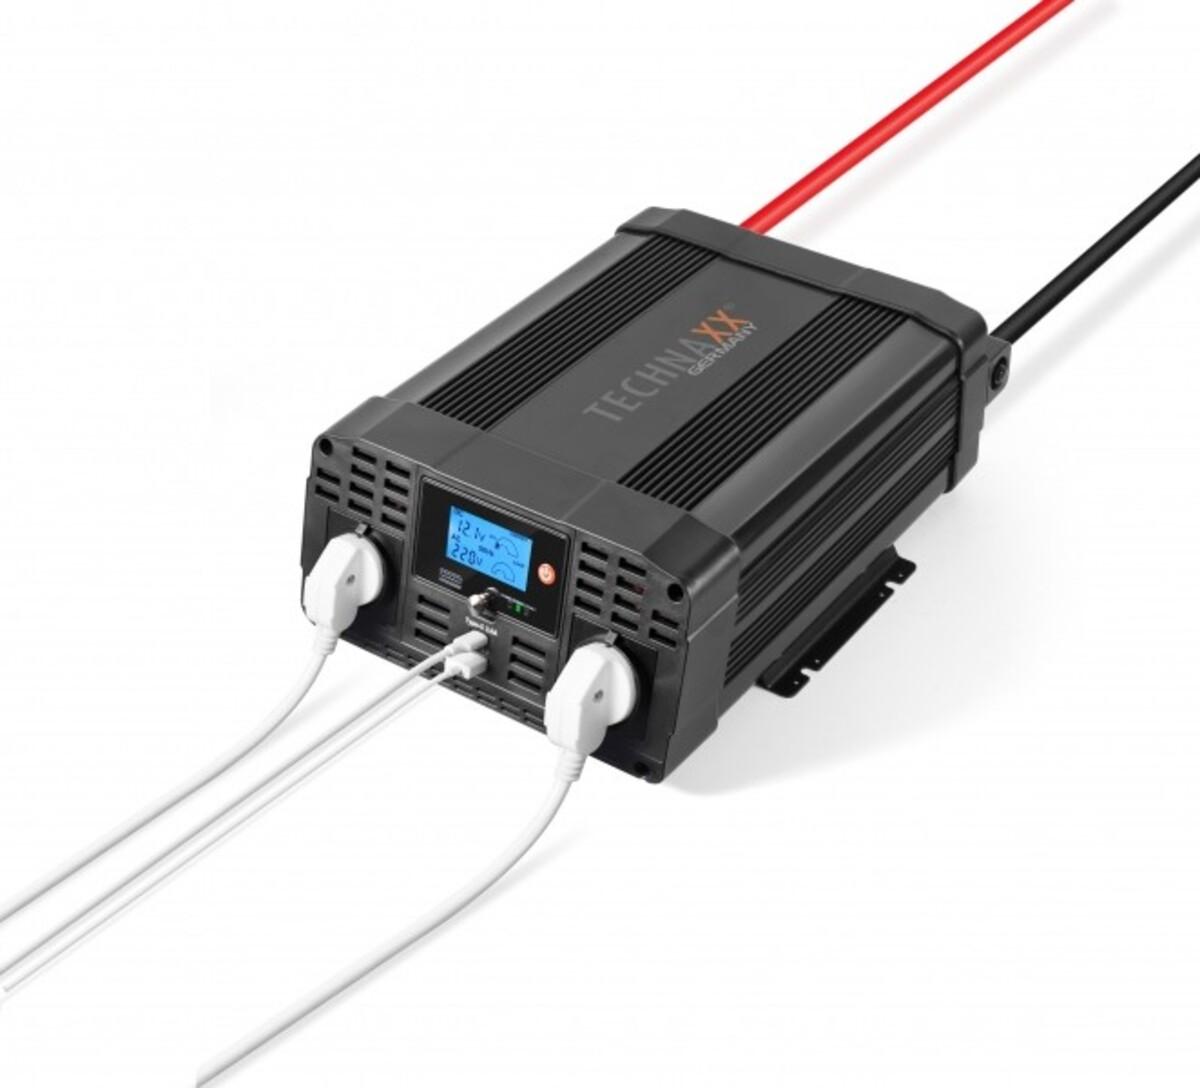 Bild 1 von Technaxx Kfz-Spannungswandler / Wechselrichter 2000W TE20